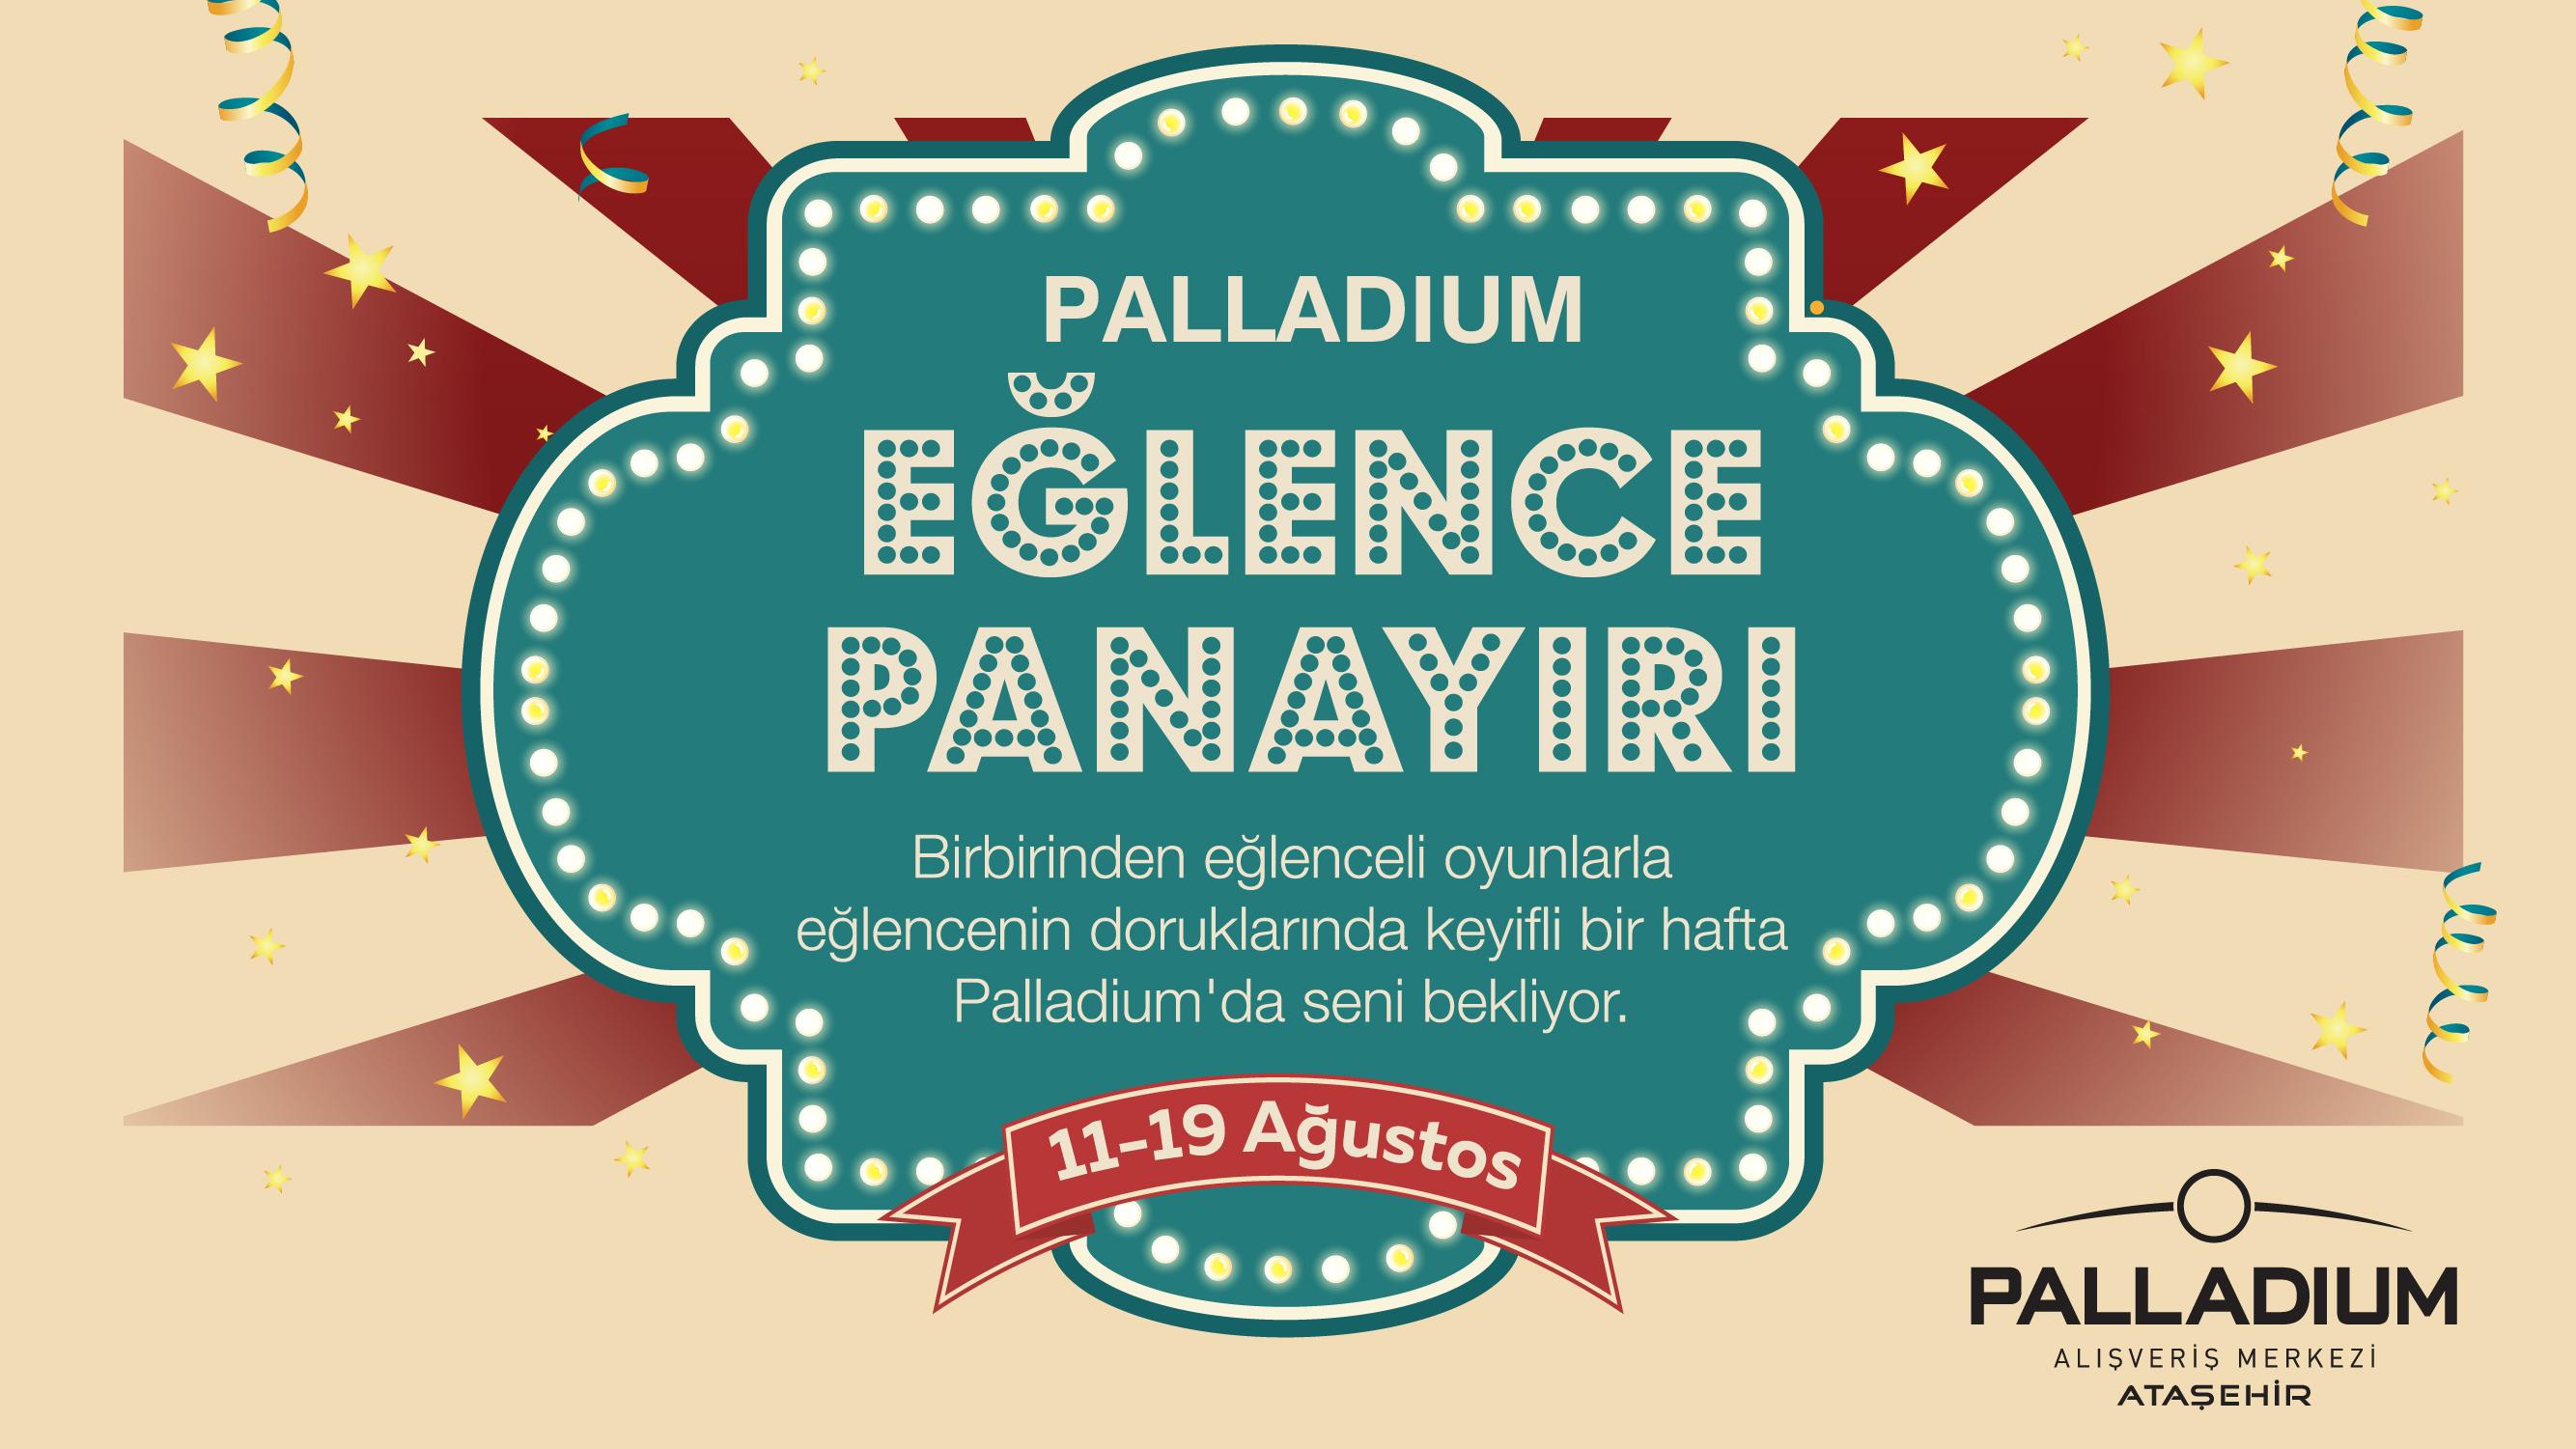 Palladium Ataşehir'de Eğlence Panayırı Başlıyor